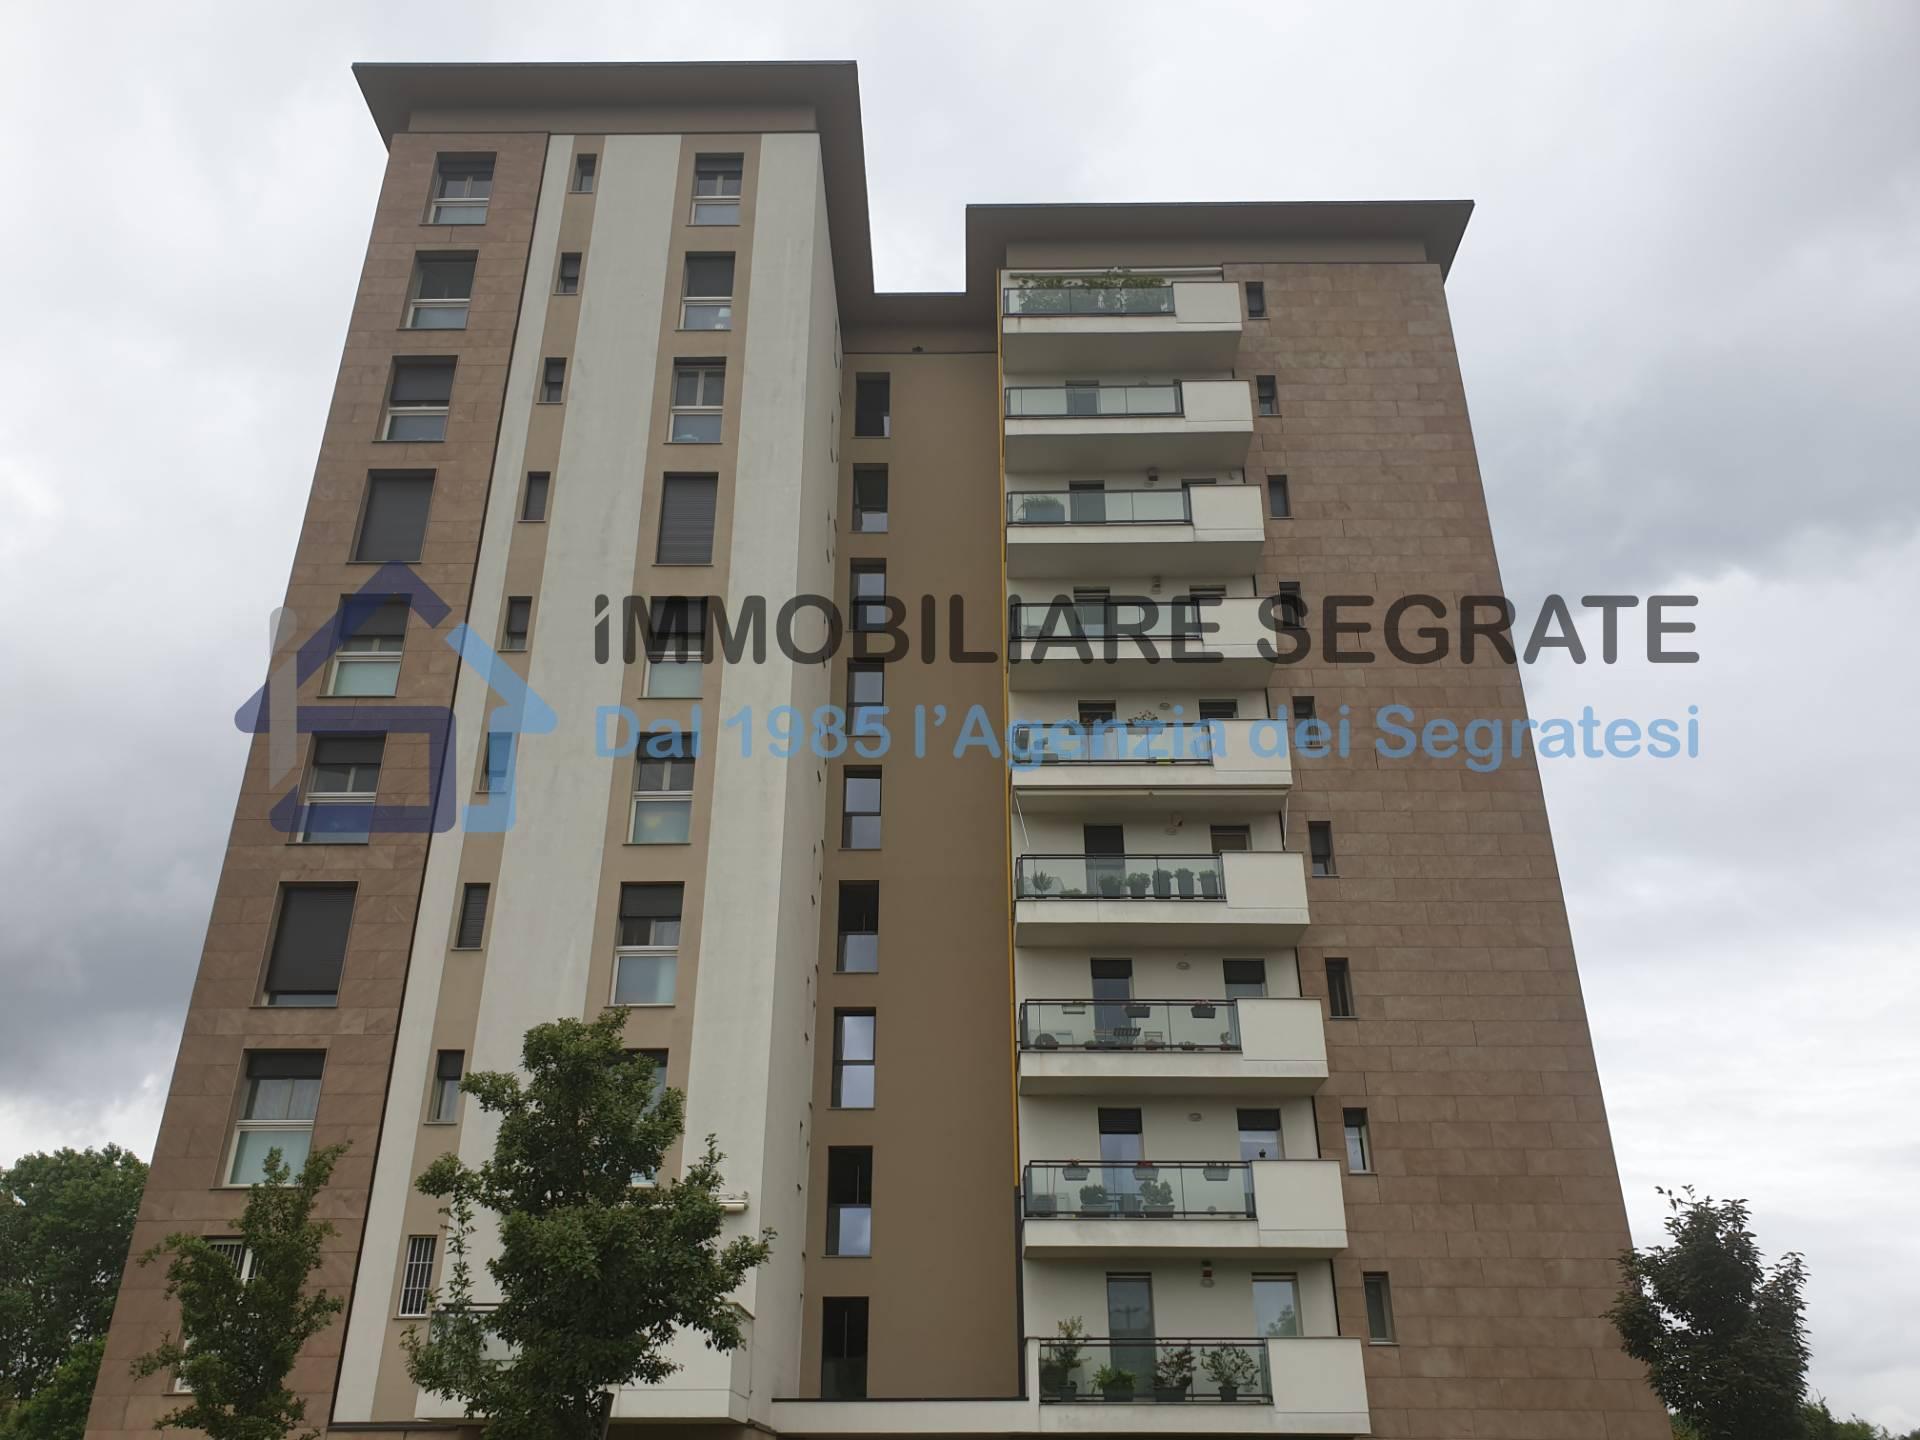 Appartamento in vendita a Segrate, 3 locali, zona Località: Centro, prezzo € 425.000 | PortaleAgenzieImmobiliari.it